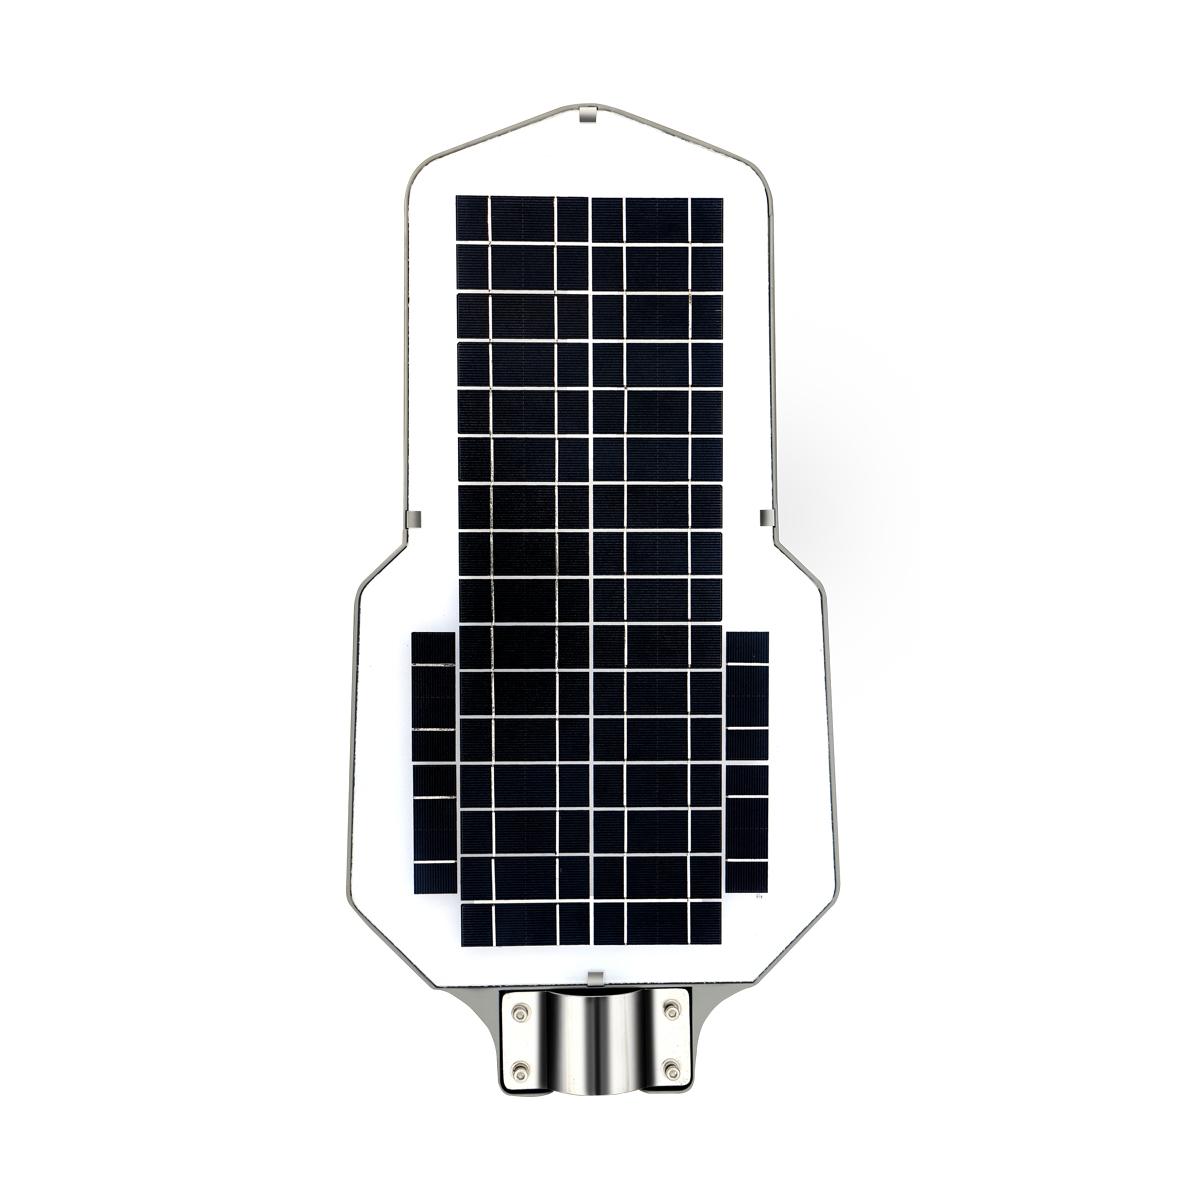 若日阳光照明|太阳能路灯遇到故障怎么检修?